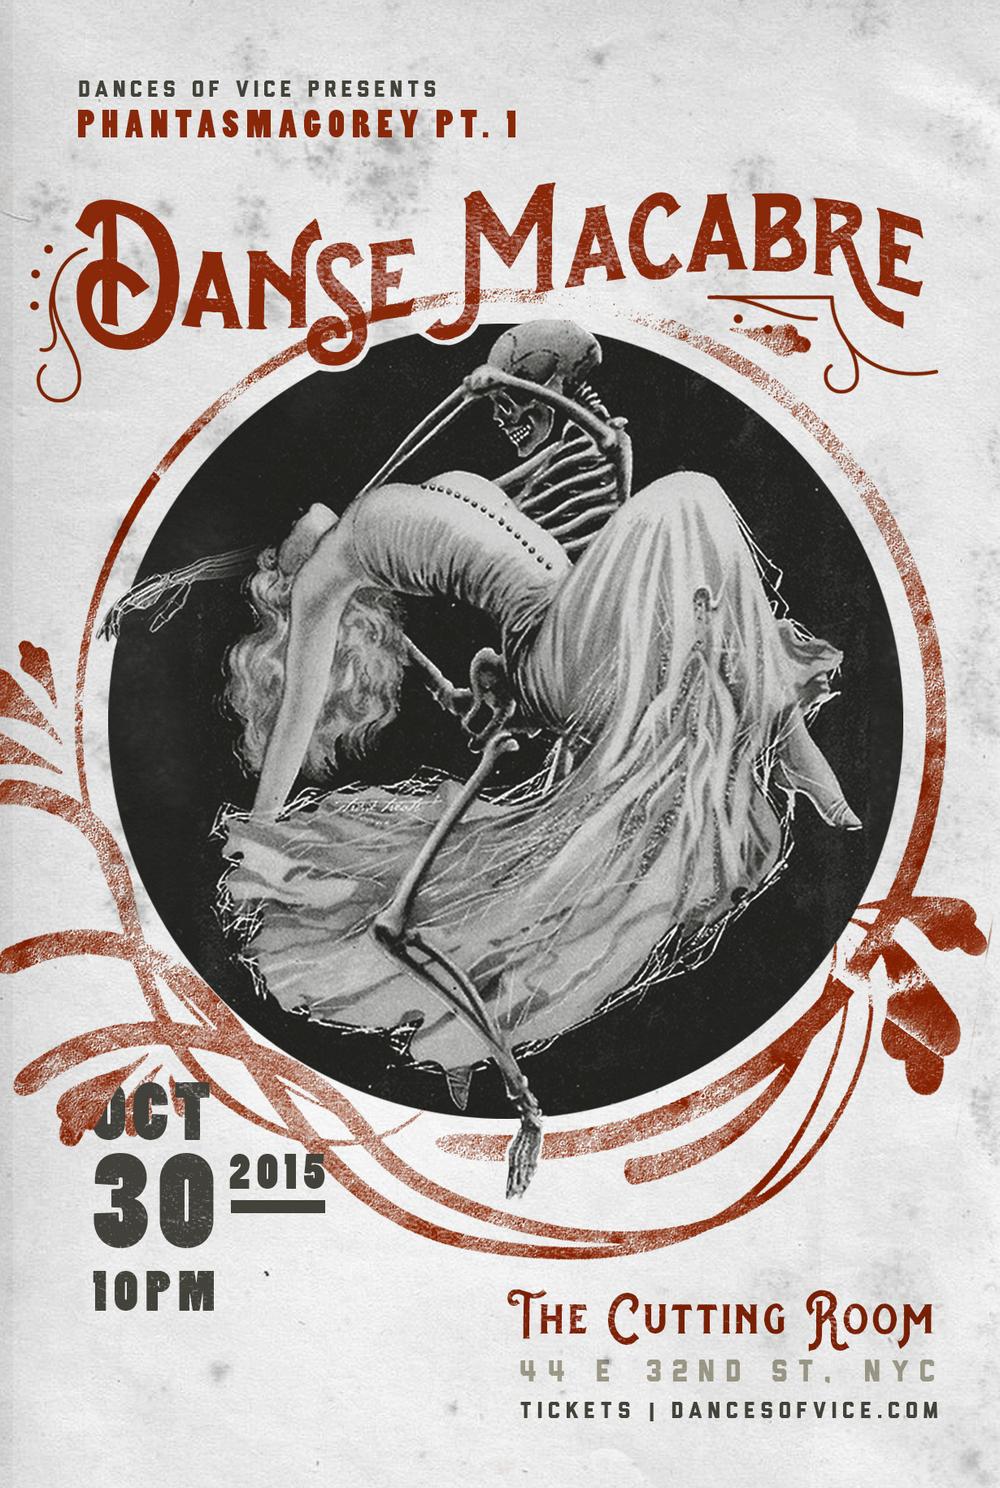 DANCE_MACABRE_FLYER_2.jpg